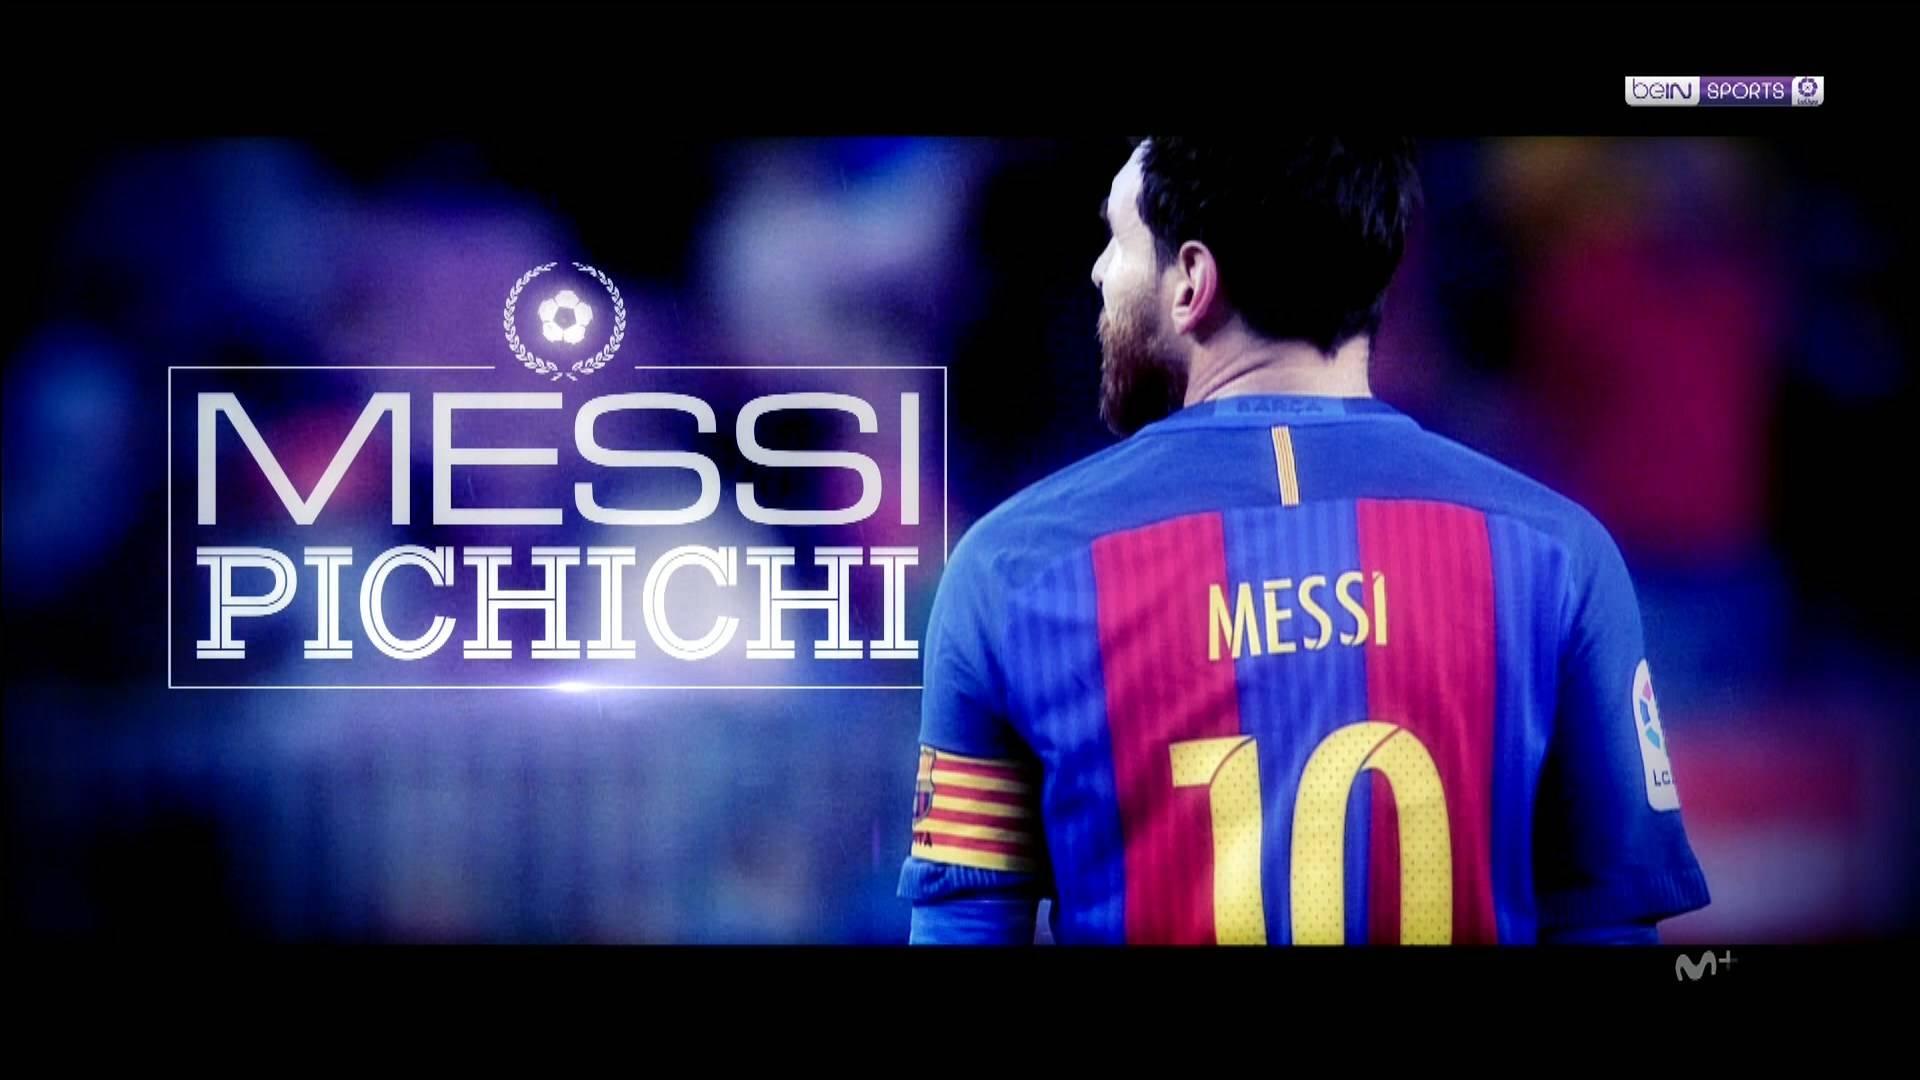 Messi, Pichichi de LaLiga 2016/2017 (1080i) (Castellano) NPabchD